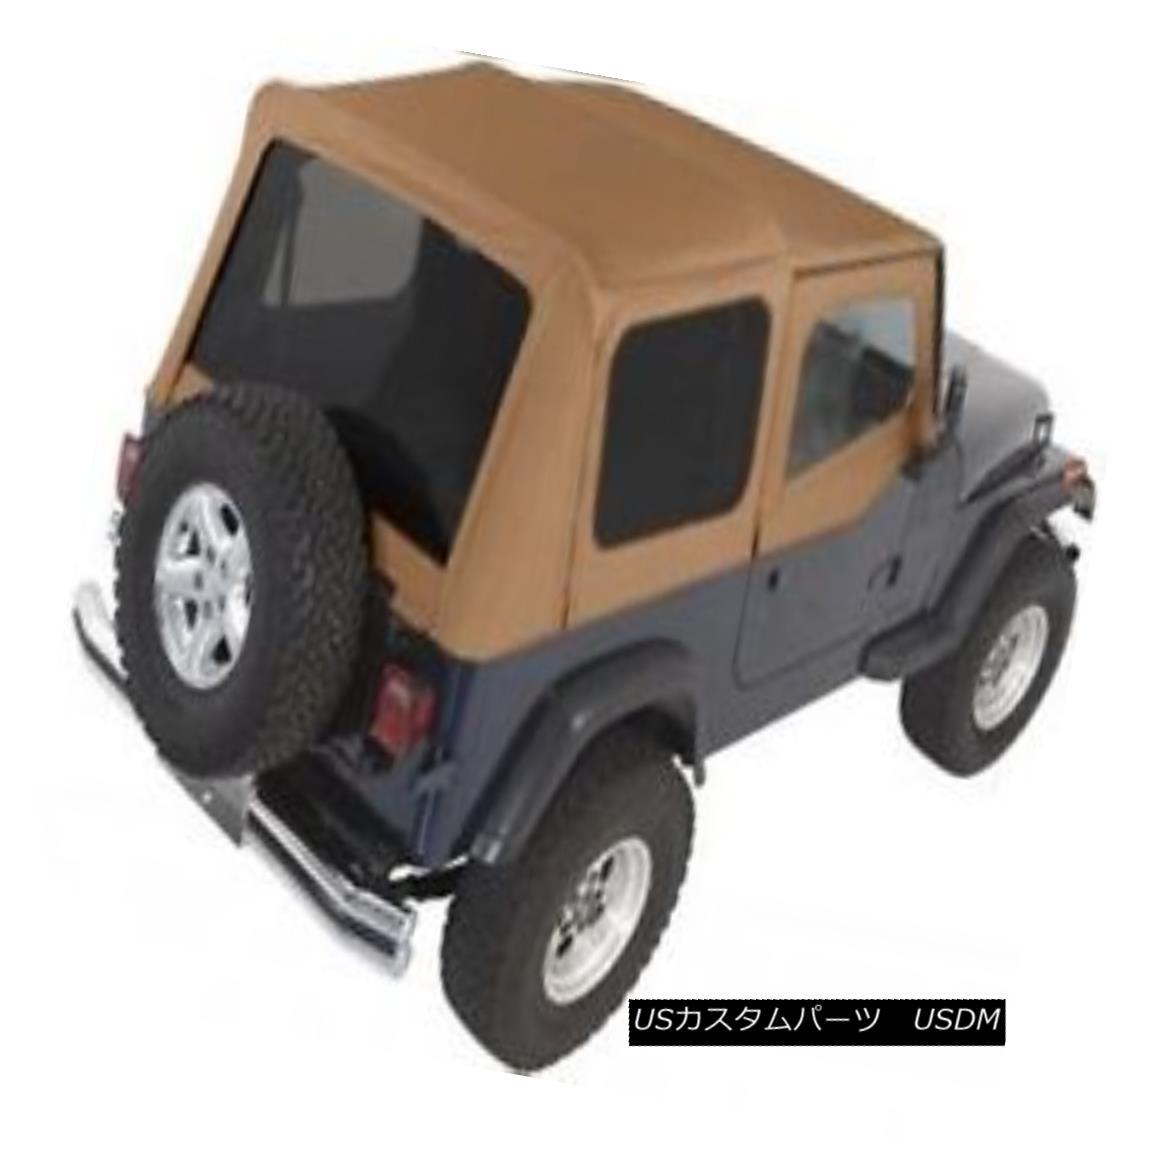 幌・ソフトトップ Complete Soft Top w/ Upper Half Doors, 1987-1995 Jeep Wrangler YJ -Spice Denim アッパーハーフドア、1987-1995ジープラングラーYJ - スパイスデニムで完全なソフトトップ